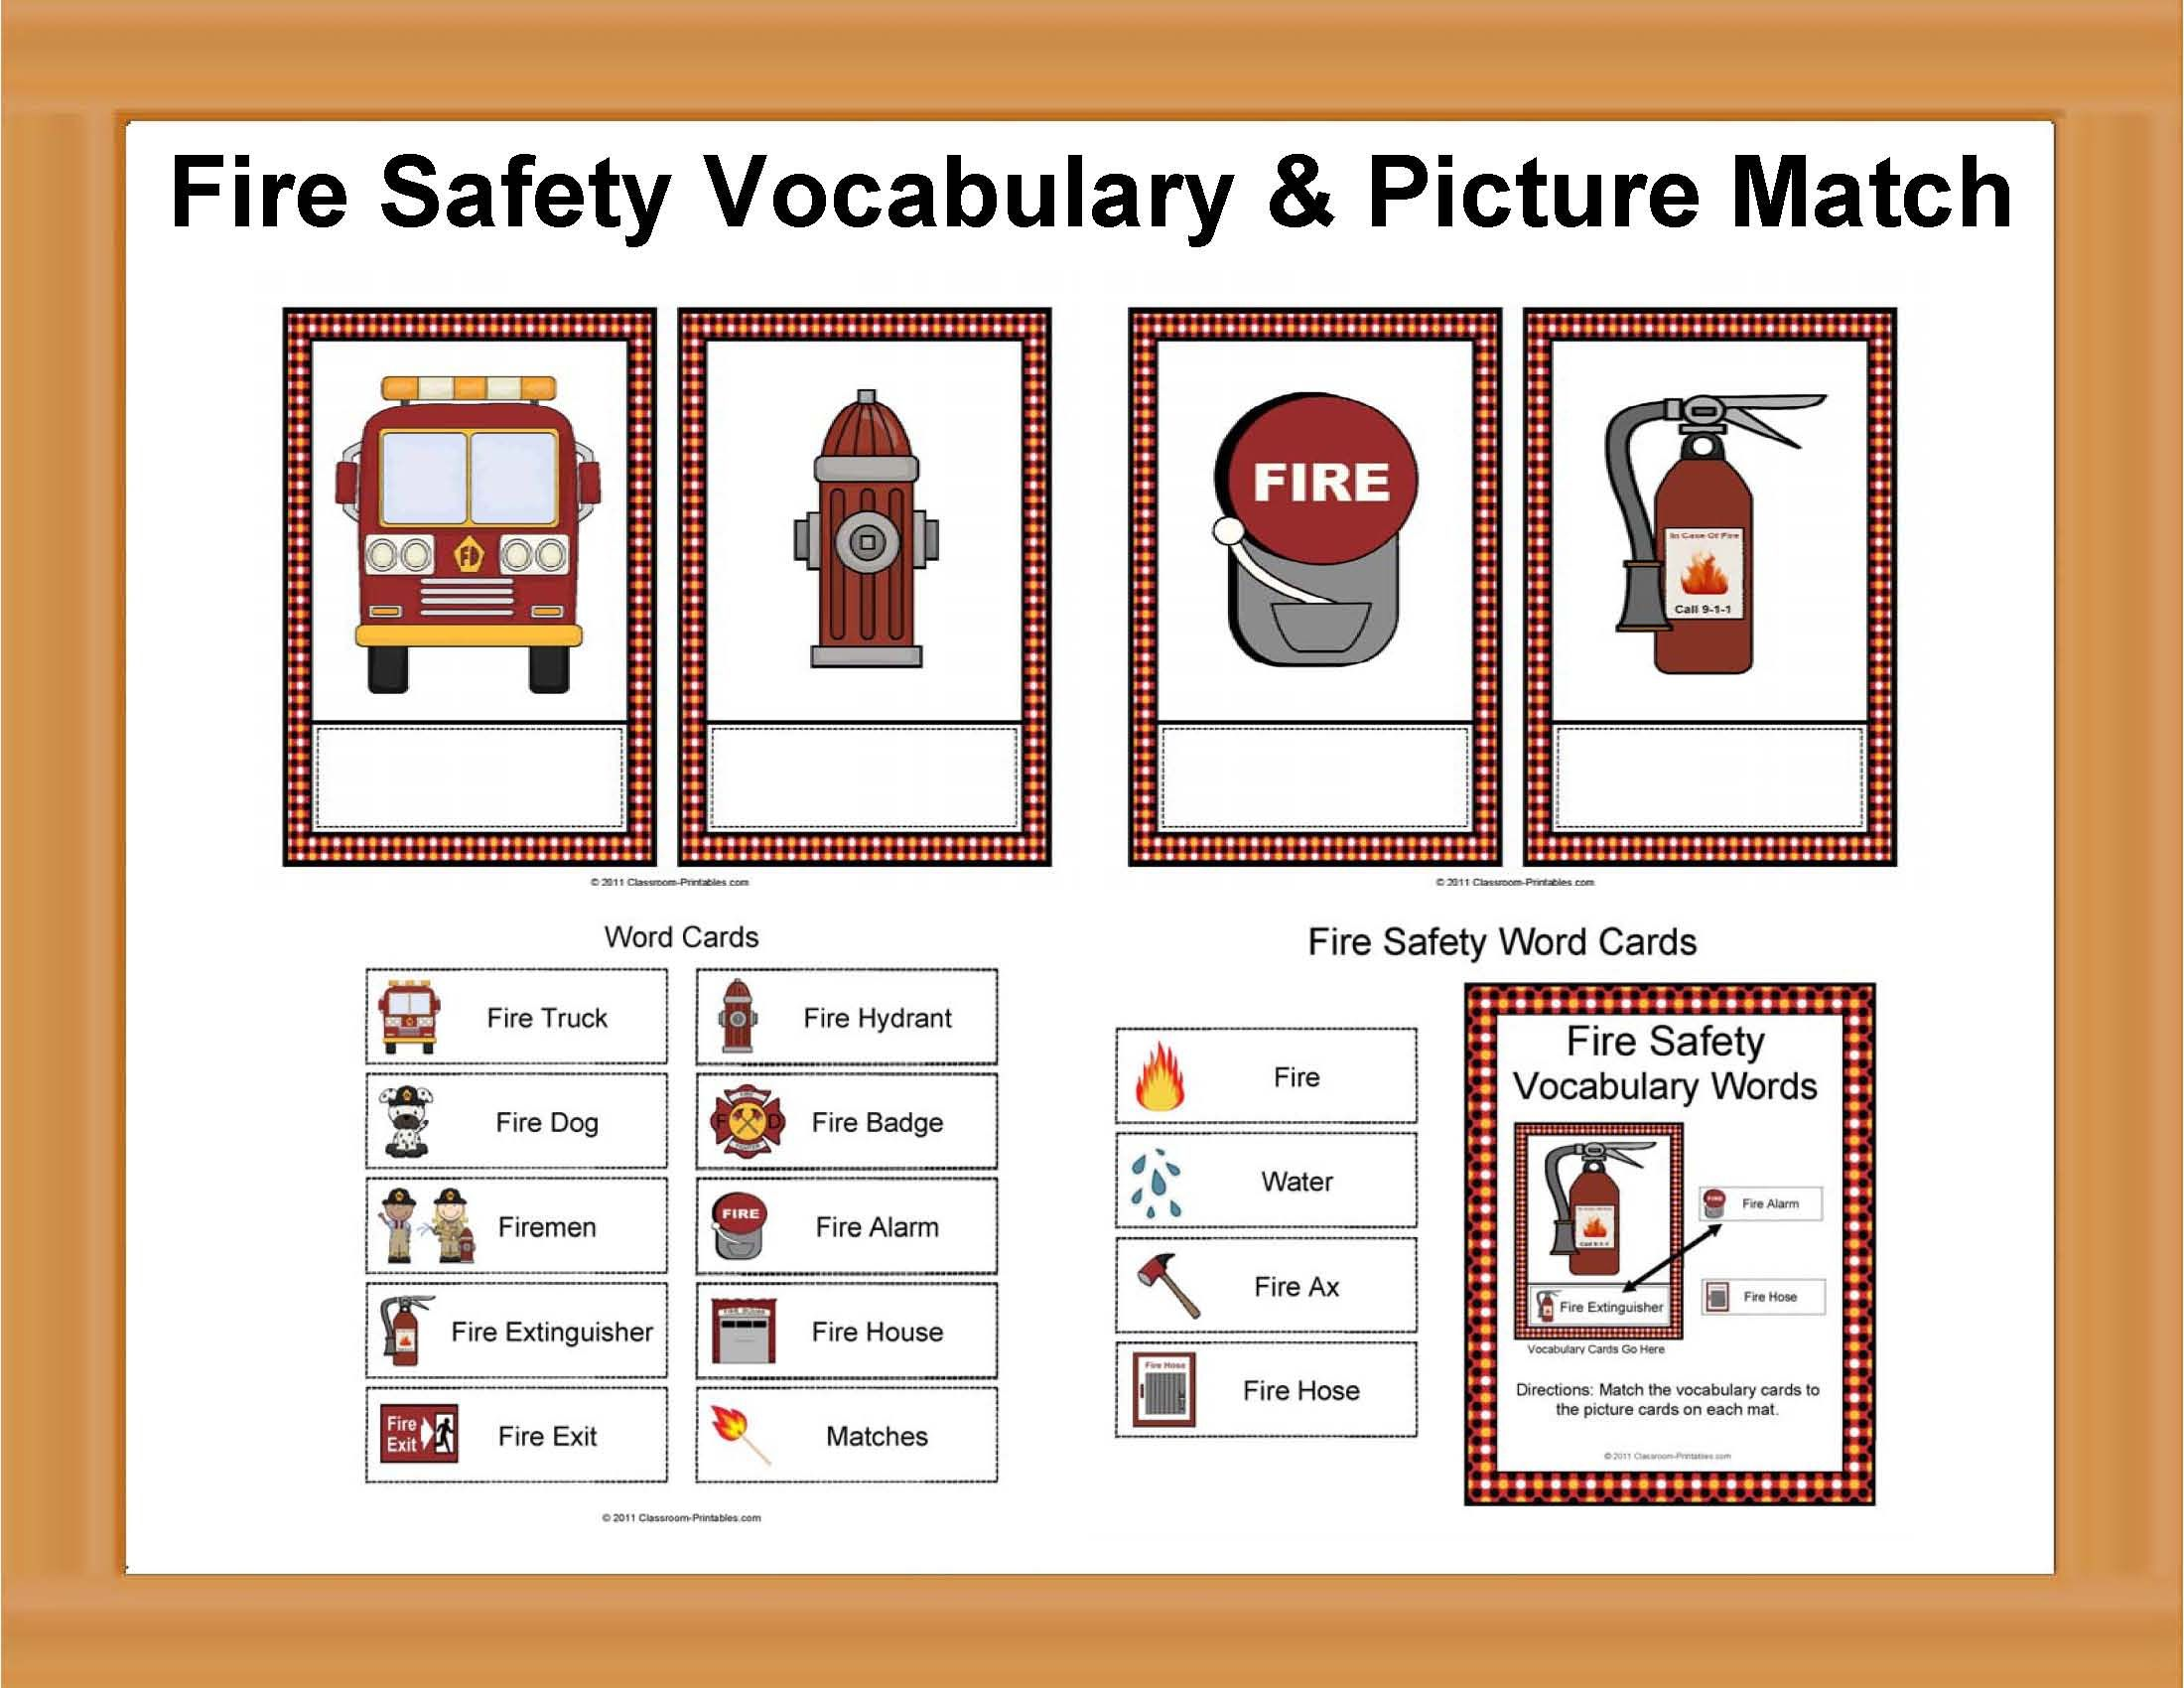 Fire Safety Vocabulary